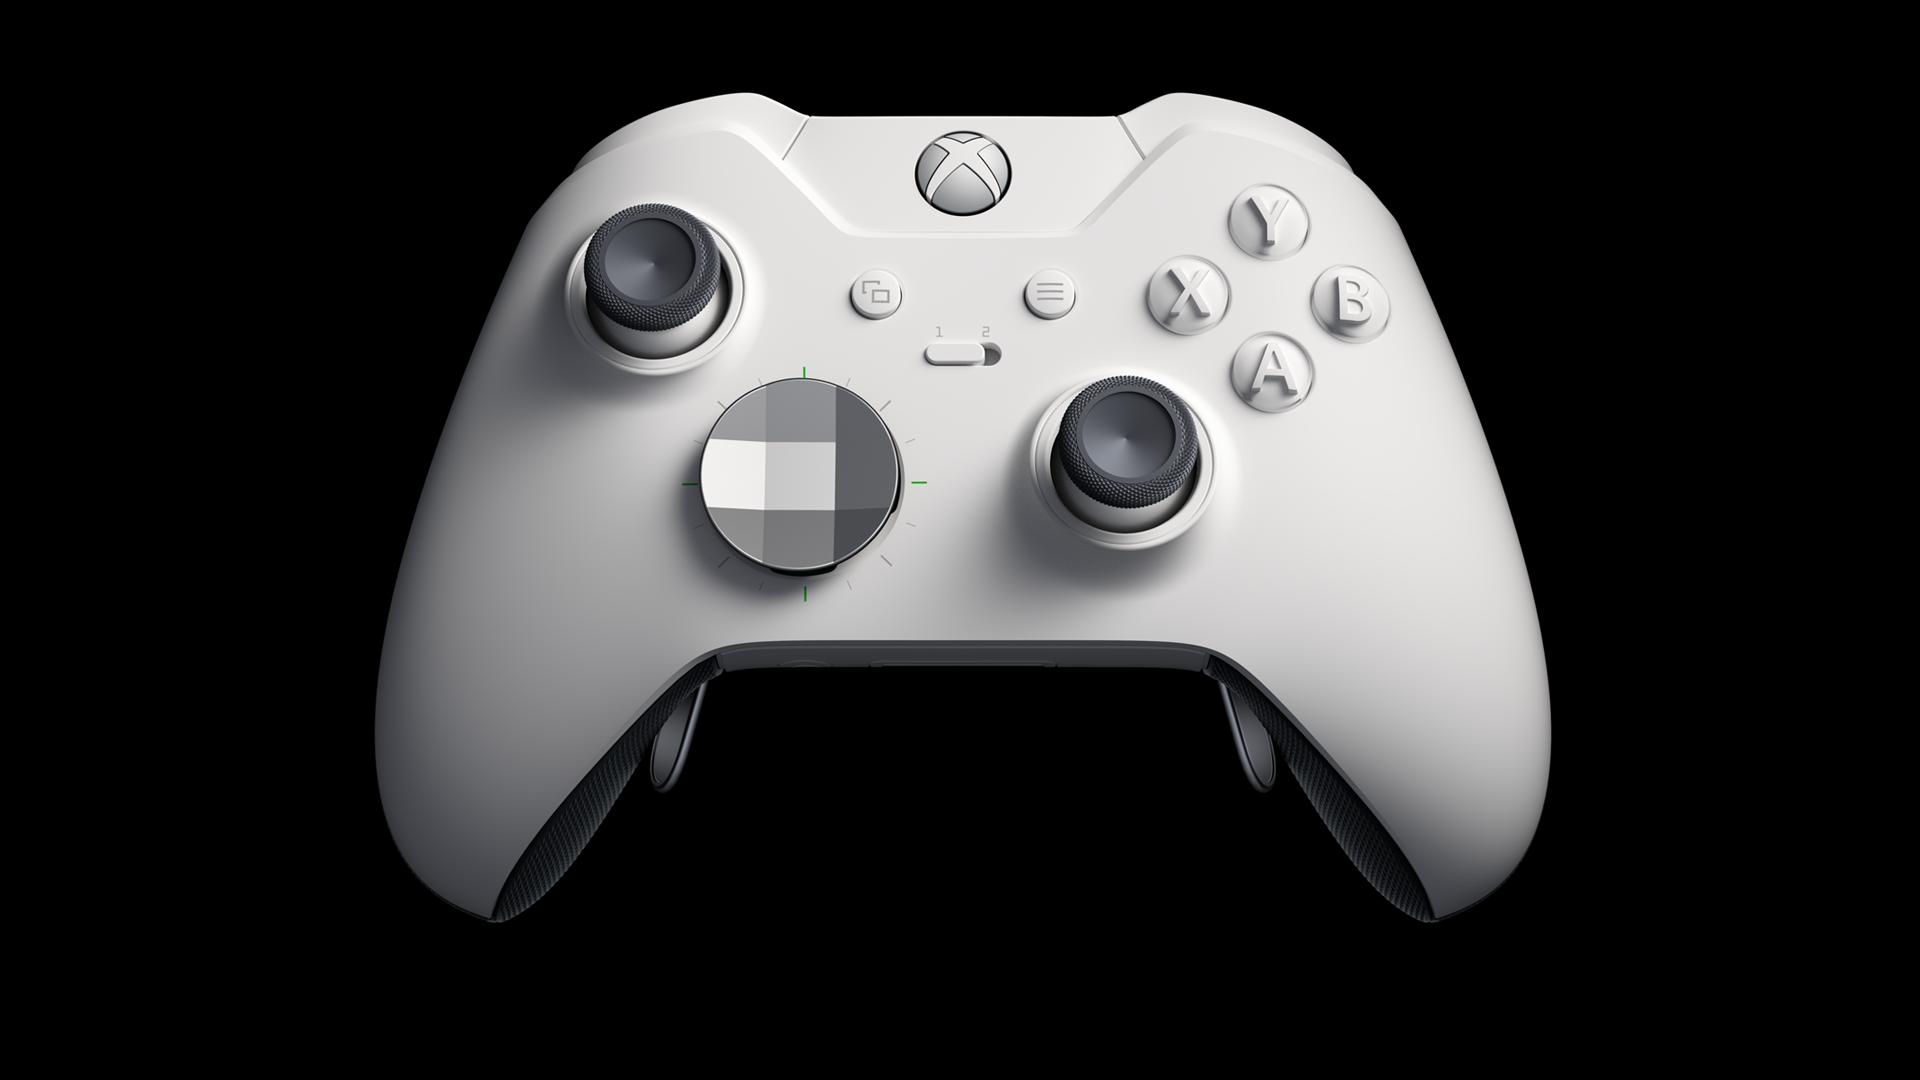 Otsailean ez duzu zure Xbox One-ren interfazea jakingo.  Berriz